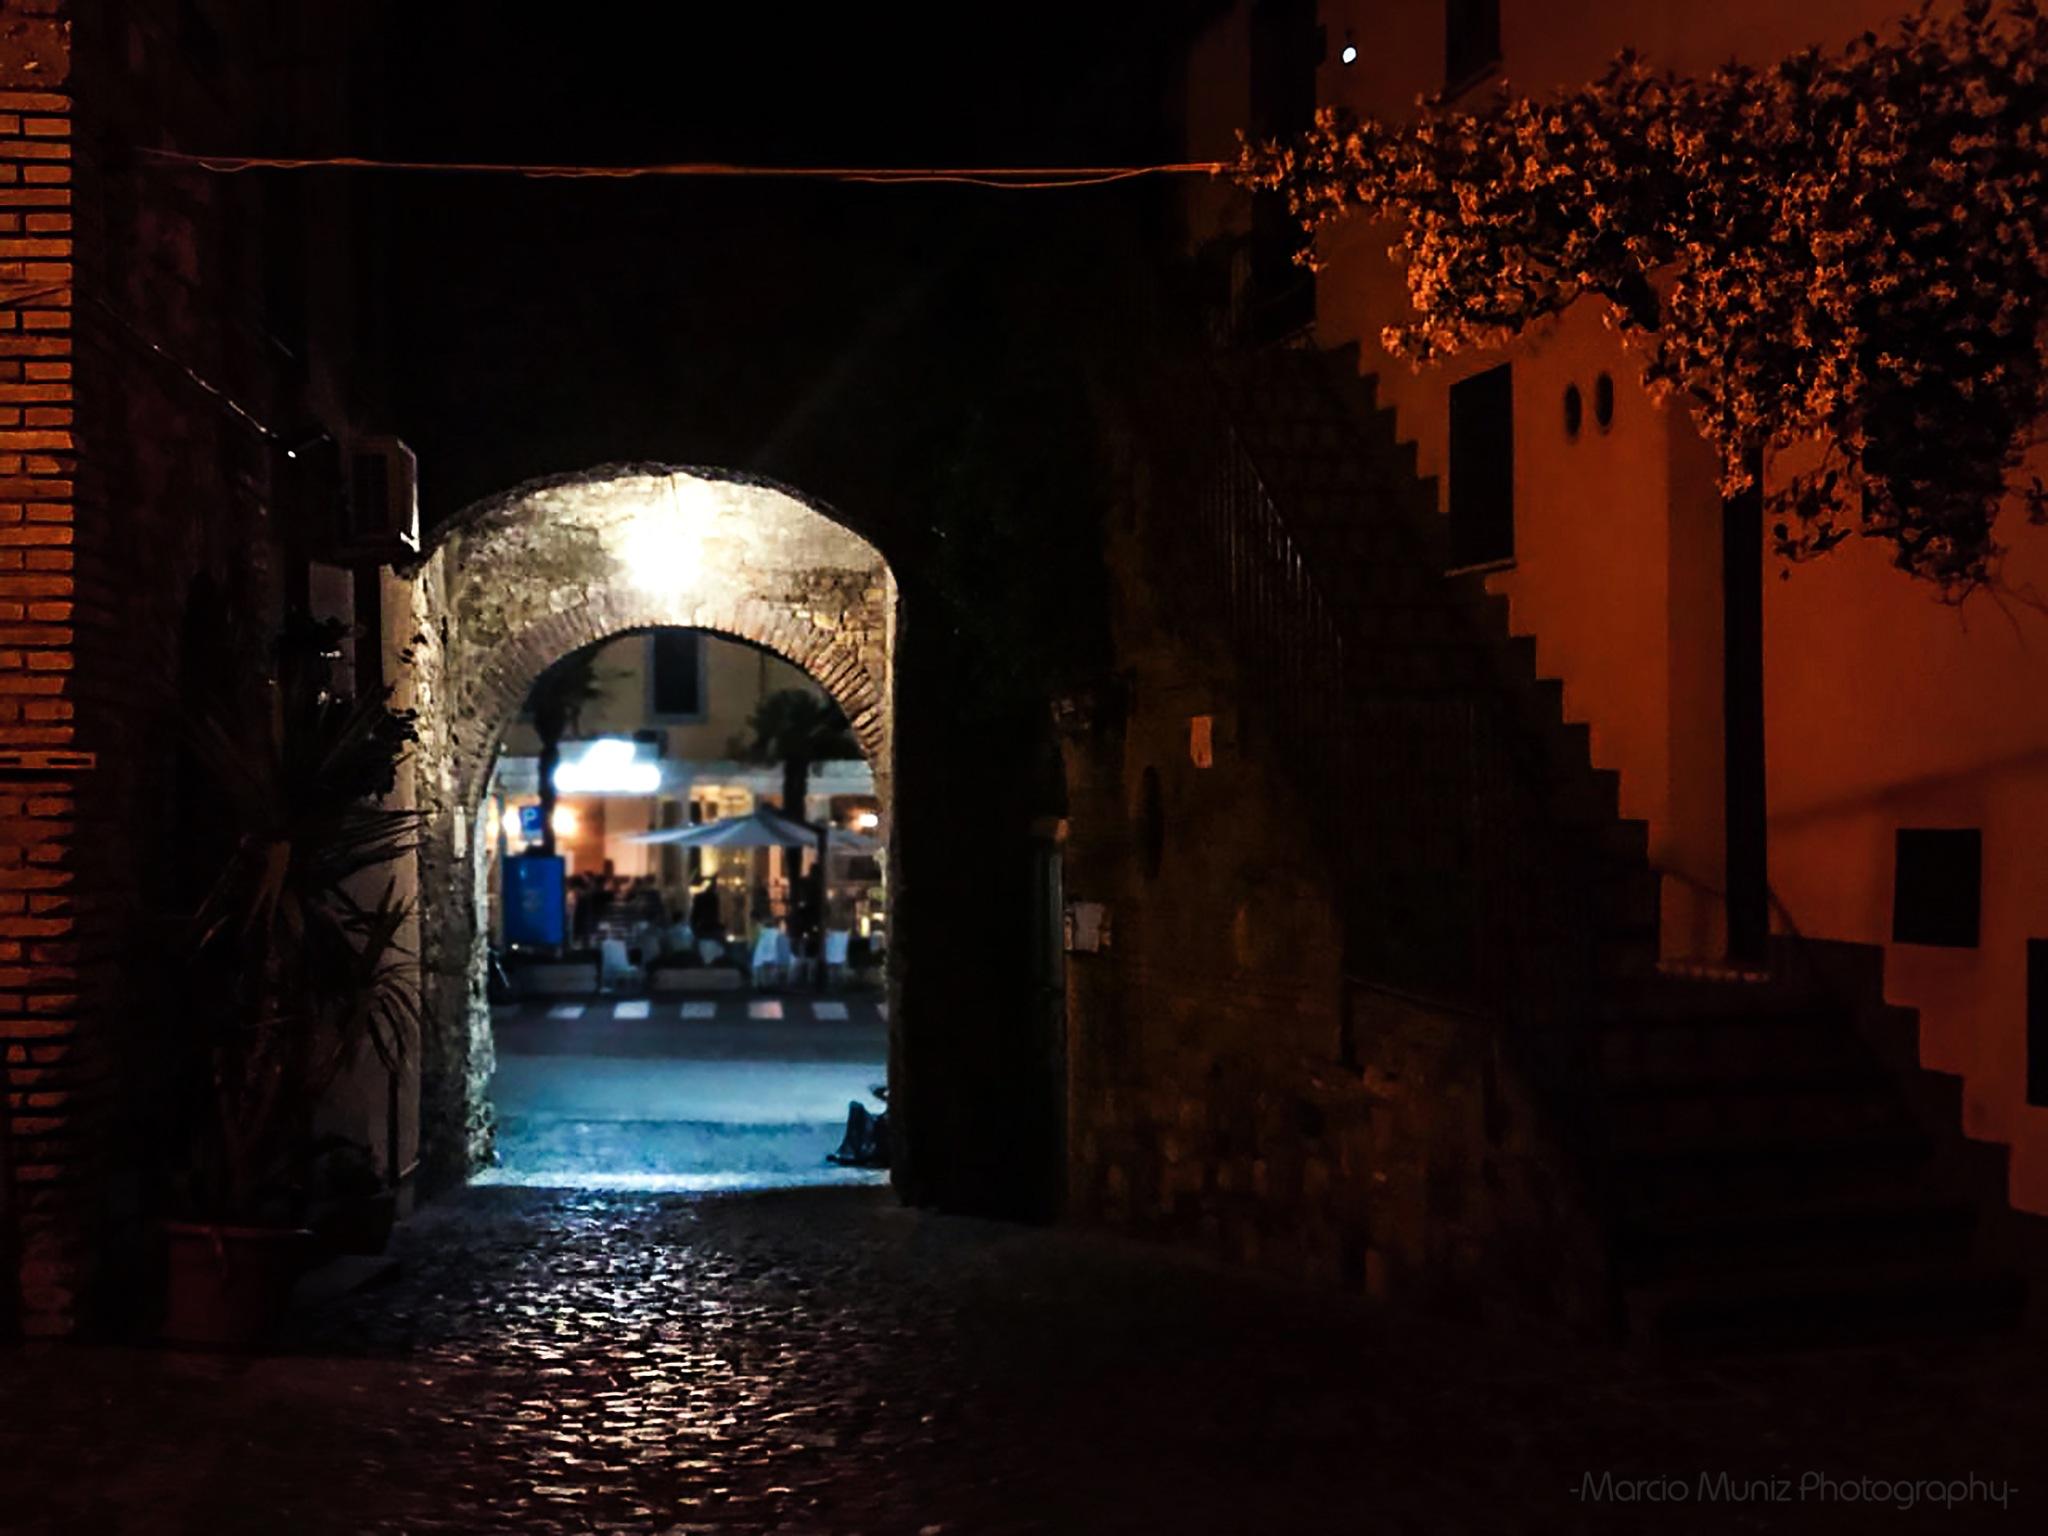 Noite em Borgo Antico by Marcio Muniz